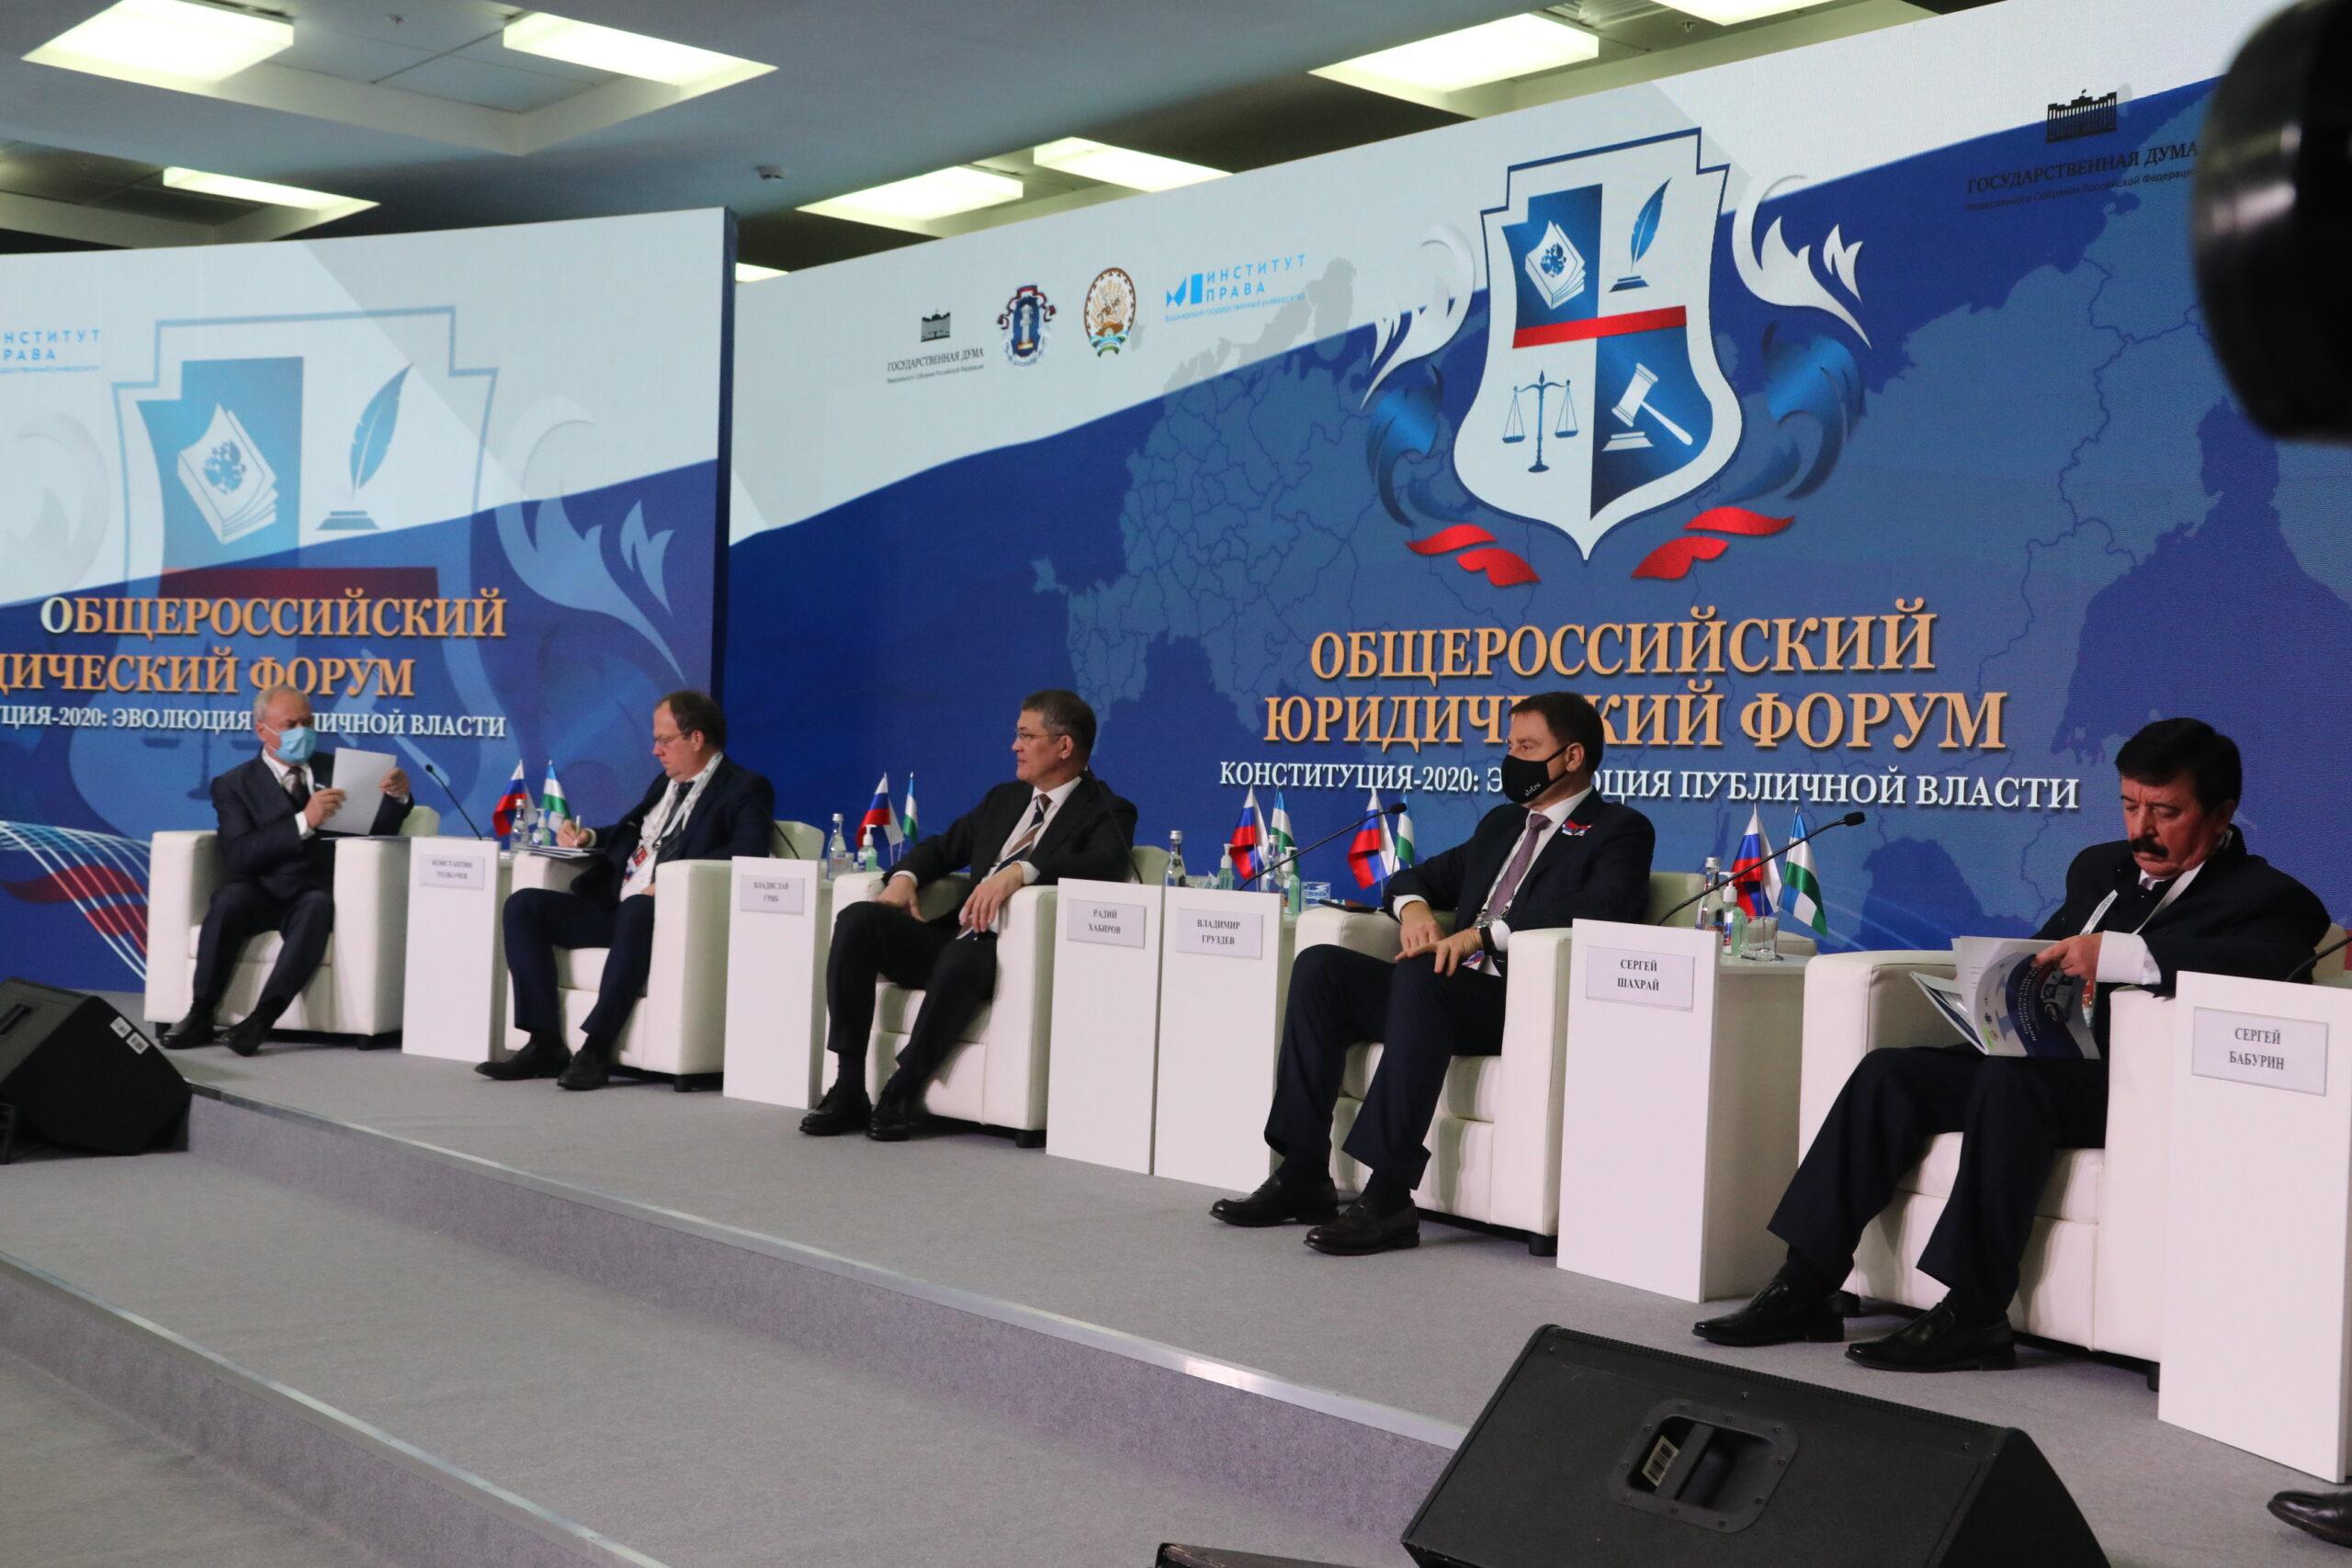 Общероссийский юридический форум пройдет в июне в Уфе